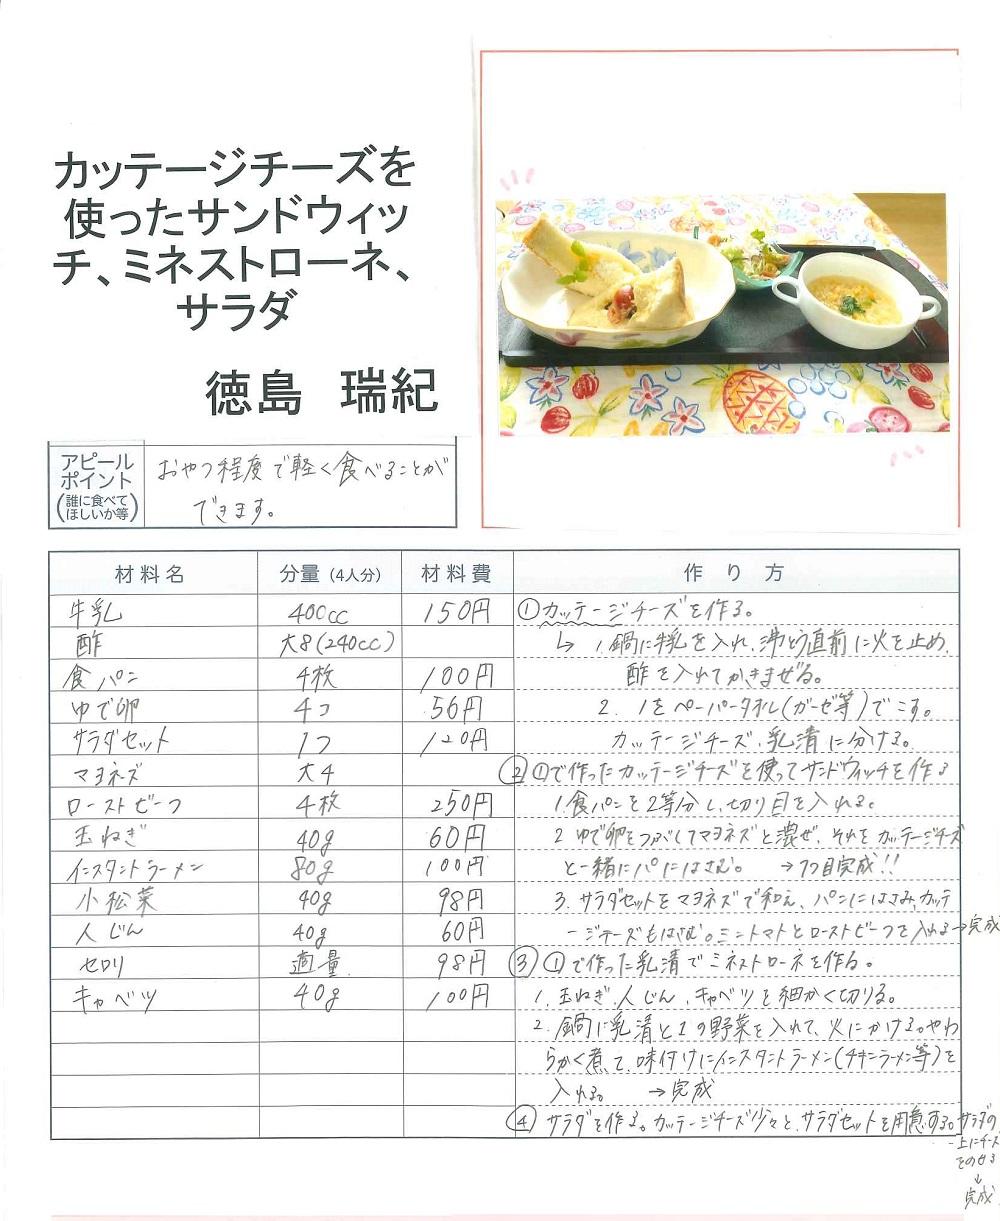 使っ た を 料理 牛乳 牛乳のレシピまとめ:ご飯からデザートまで!牛乳でまろやか料理